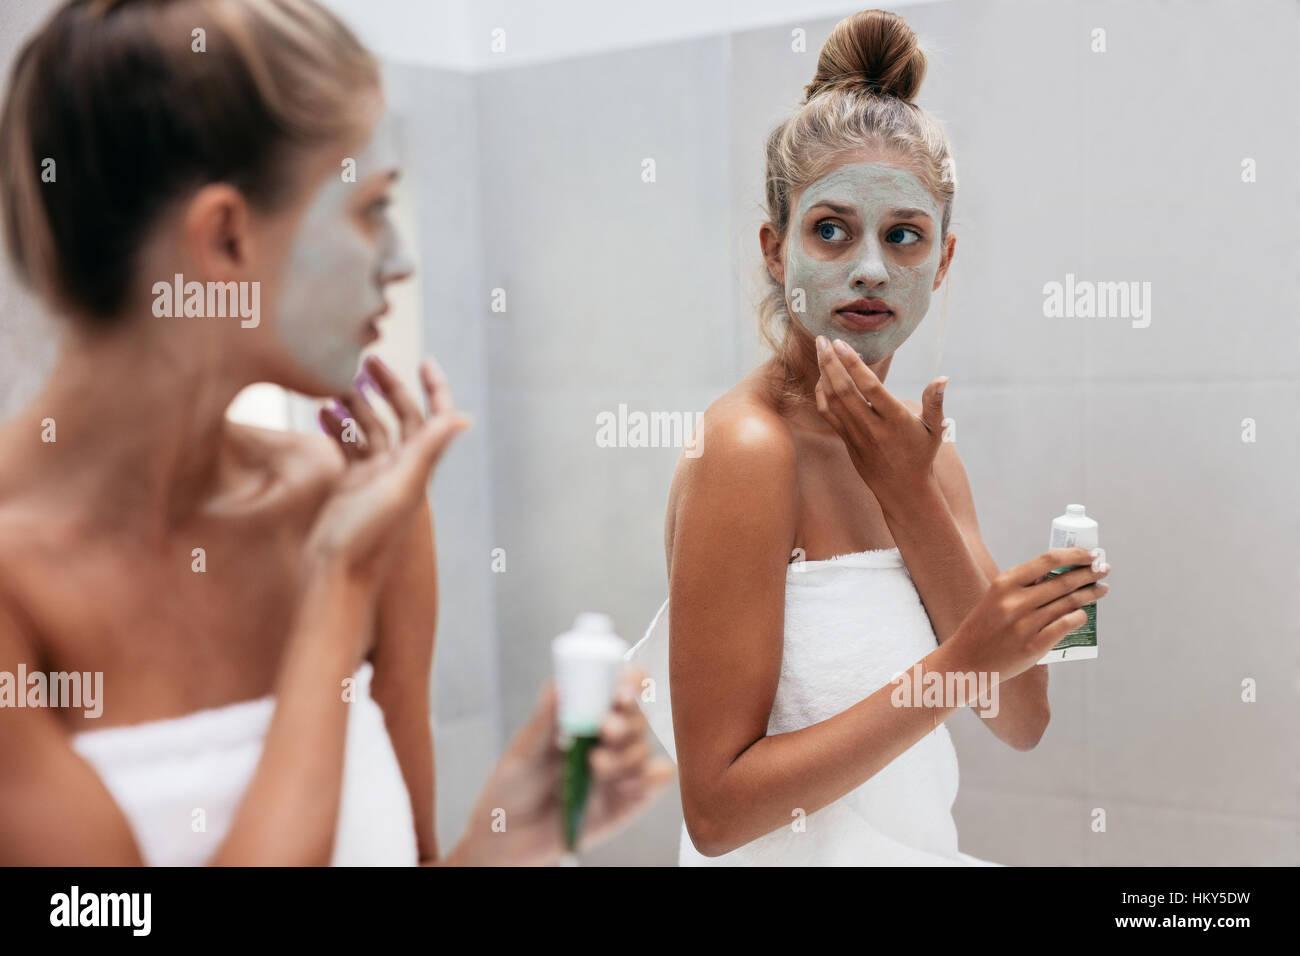 Junge Frau Auftragen der Maske Creme auf Gesicht im Badezimmer. Weibchen in Beauty-Behandlung auf ihre Gesichtshaut Stockbild